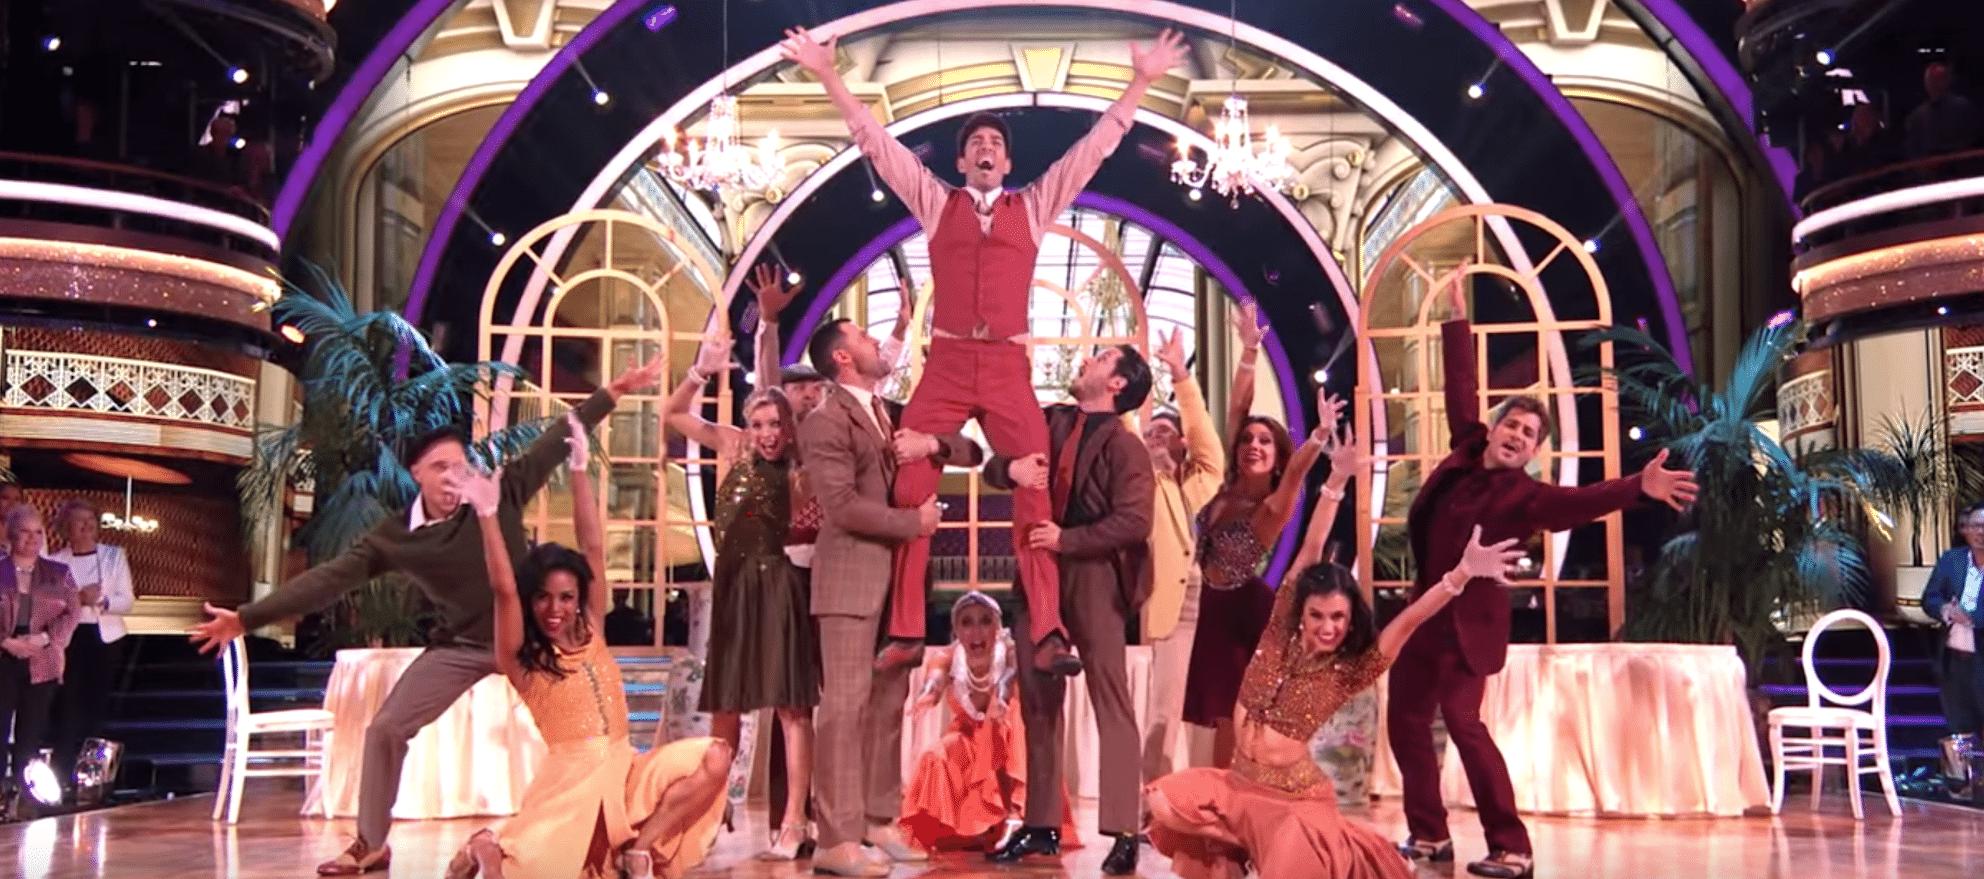 Fullsize Of Drew Scott Dancing With The Stars